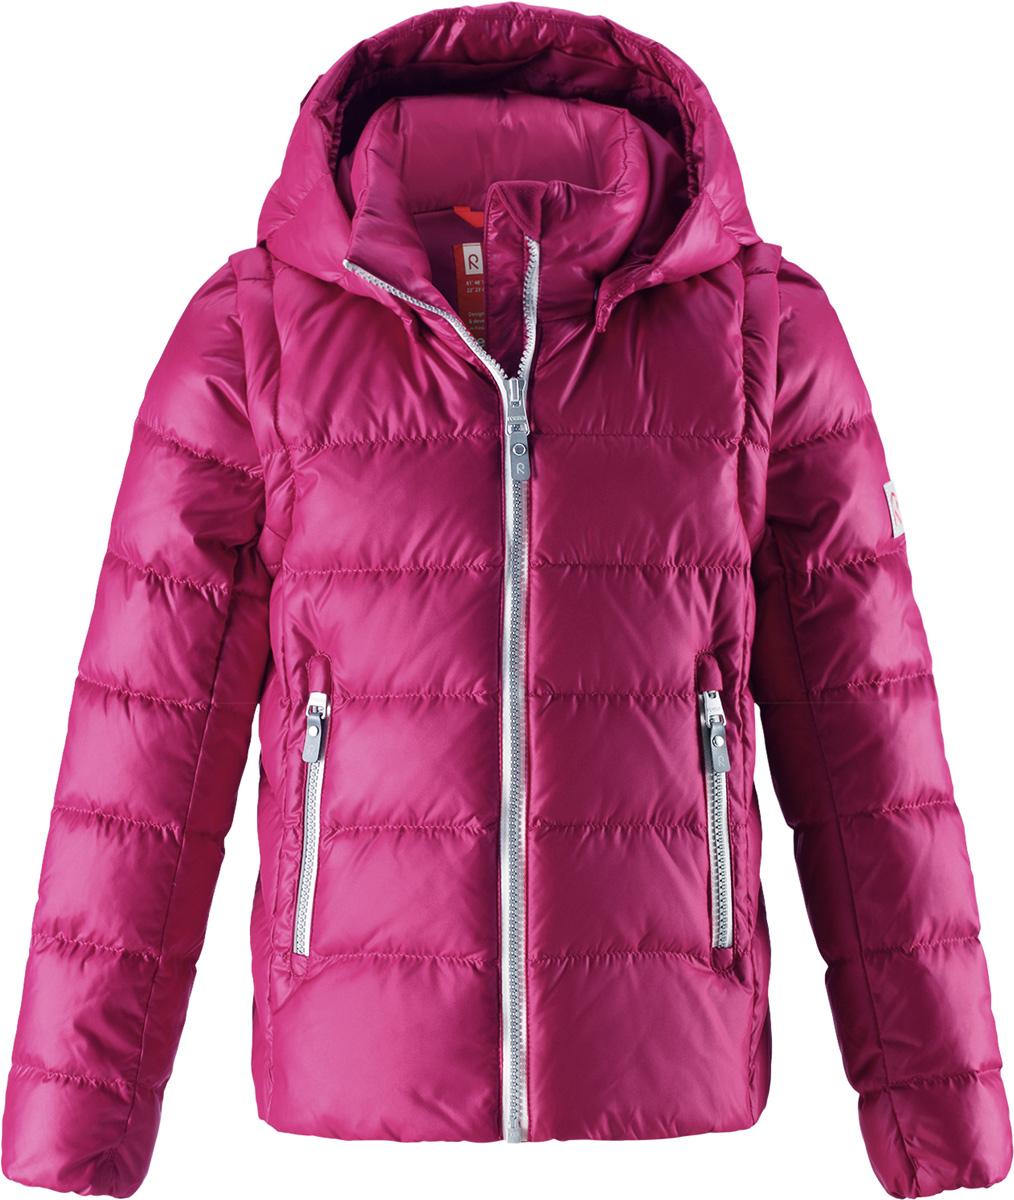 Пуховик для девочки Reima Minna, цвет: розовый. 5312903920. Размер 1225312903920Очень легкая, но при этом теплая и практичная слегка удлиненная куртка для подростков в одно мгновение превращается в жилетку. Эта практичная куртка снабжена утеплителем из пуха и пера. Куртку с гладкой подкладкой из полиэстера легко надевать и очень удобно носить. В теплую погоду стоит лишь отстегнуть рукава, и куртка превратится в жилетку. Наденьте ее с удобной кофтой, и у вас получится модный и стильный наряд. А когда на улице похолодает, жилетку можно поддевать в качестве промежуточного слоя. Куртка оснащена съемным капюшоном, что обеспечивает дополнительную безопасность во время активных прогулок – капюшон легко отстегивается, если случайно за что-нибудь зацепится. Есть два кармана на молнии для мобильного телефона и других ценных мелочей. Эту модель для девочек довершают практичные детали: длинная молния высокого качества и светоотражающие элементы.Средняя степень утепления.